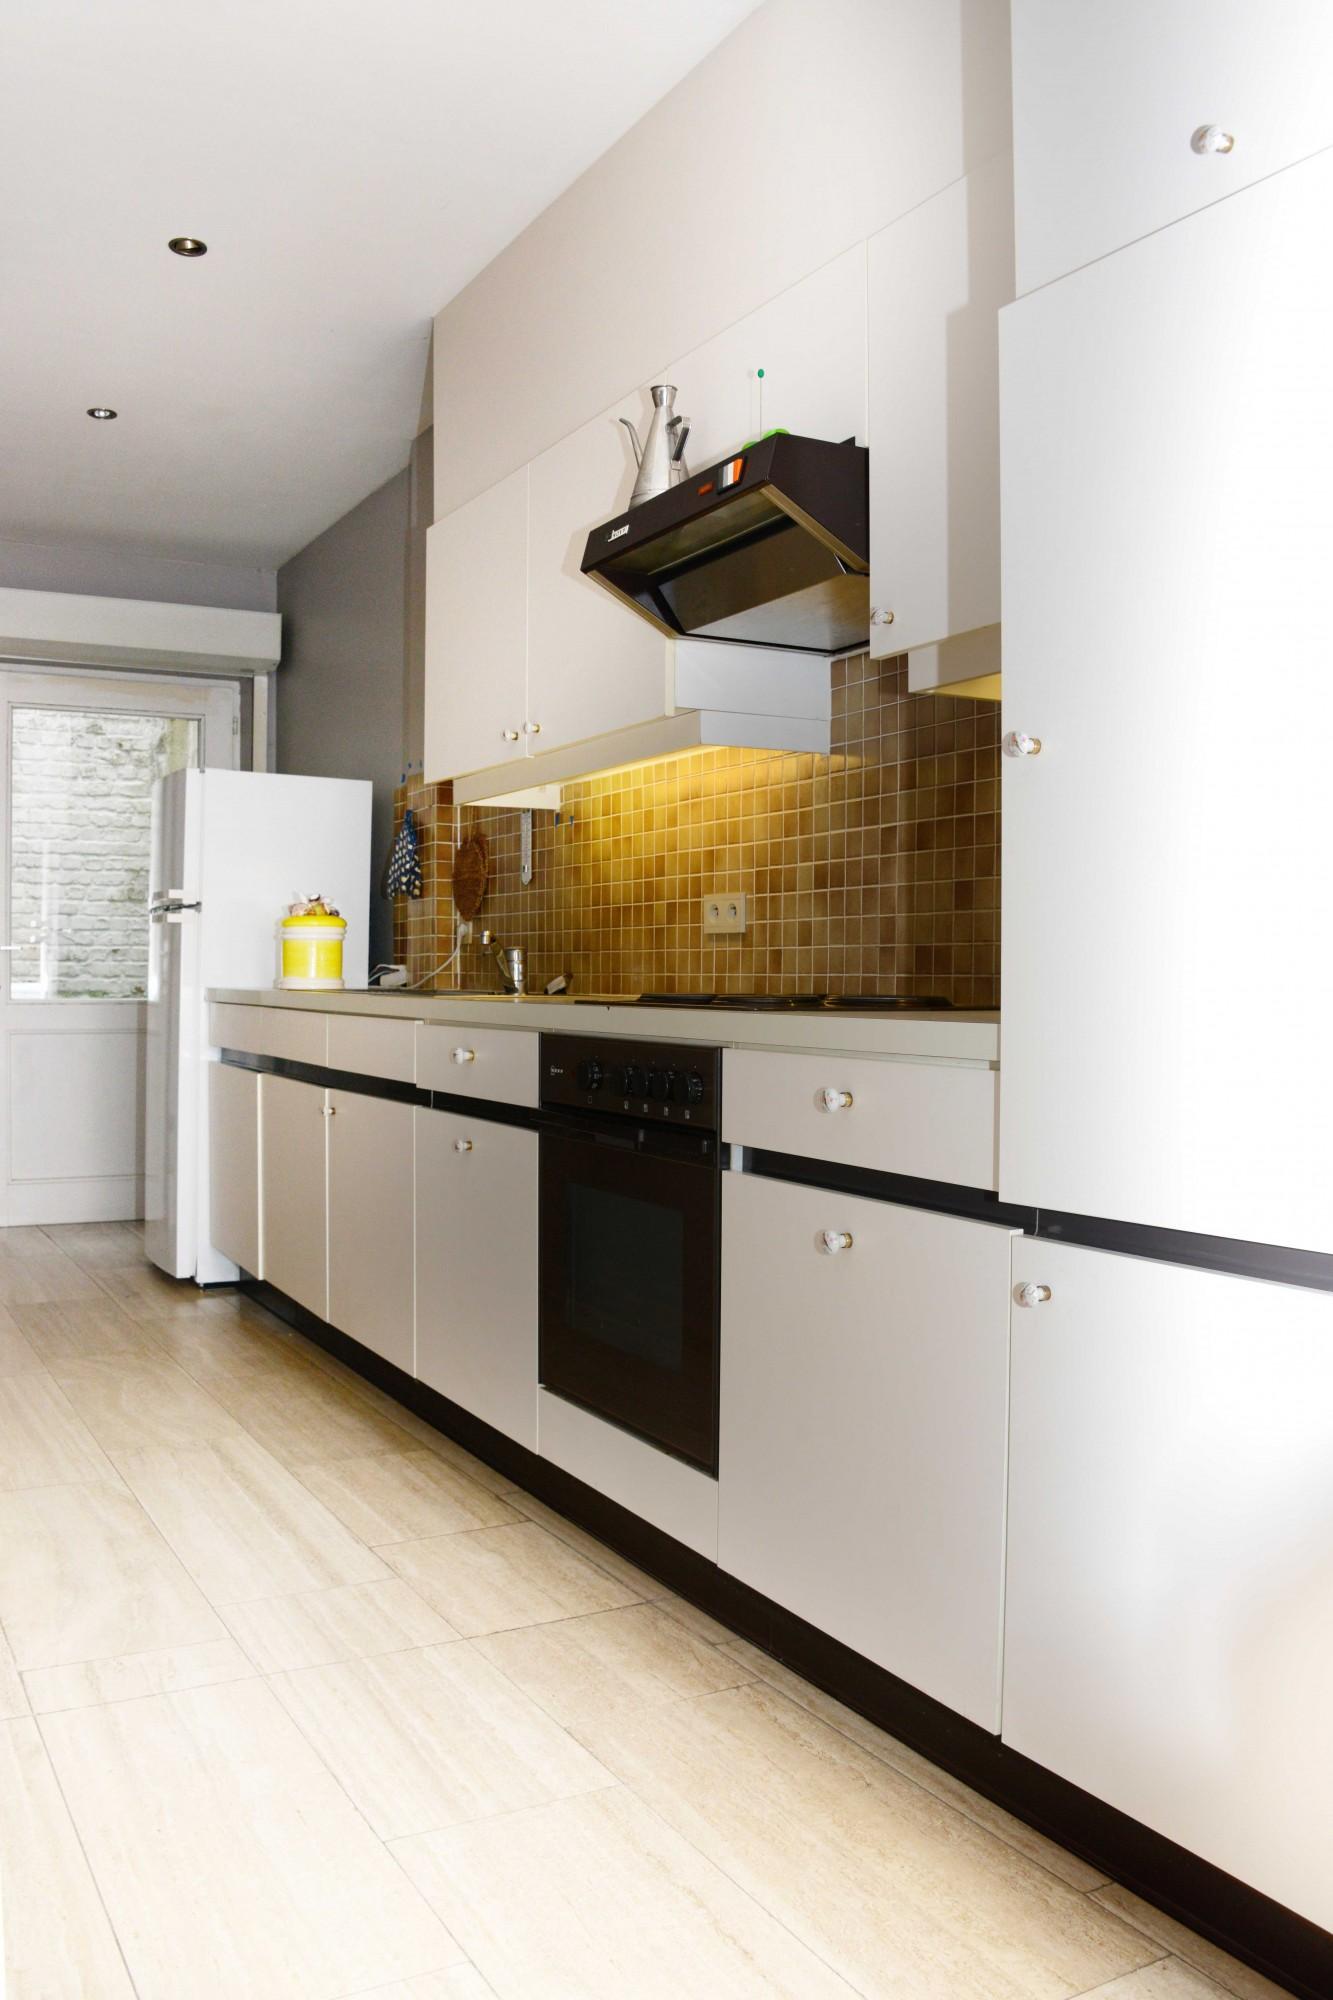 Location Commerce 1 CH Knokke-Zoute - Rez-de-commerce + espace à vivre/studio